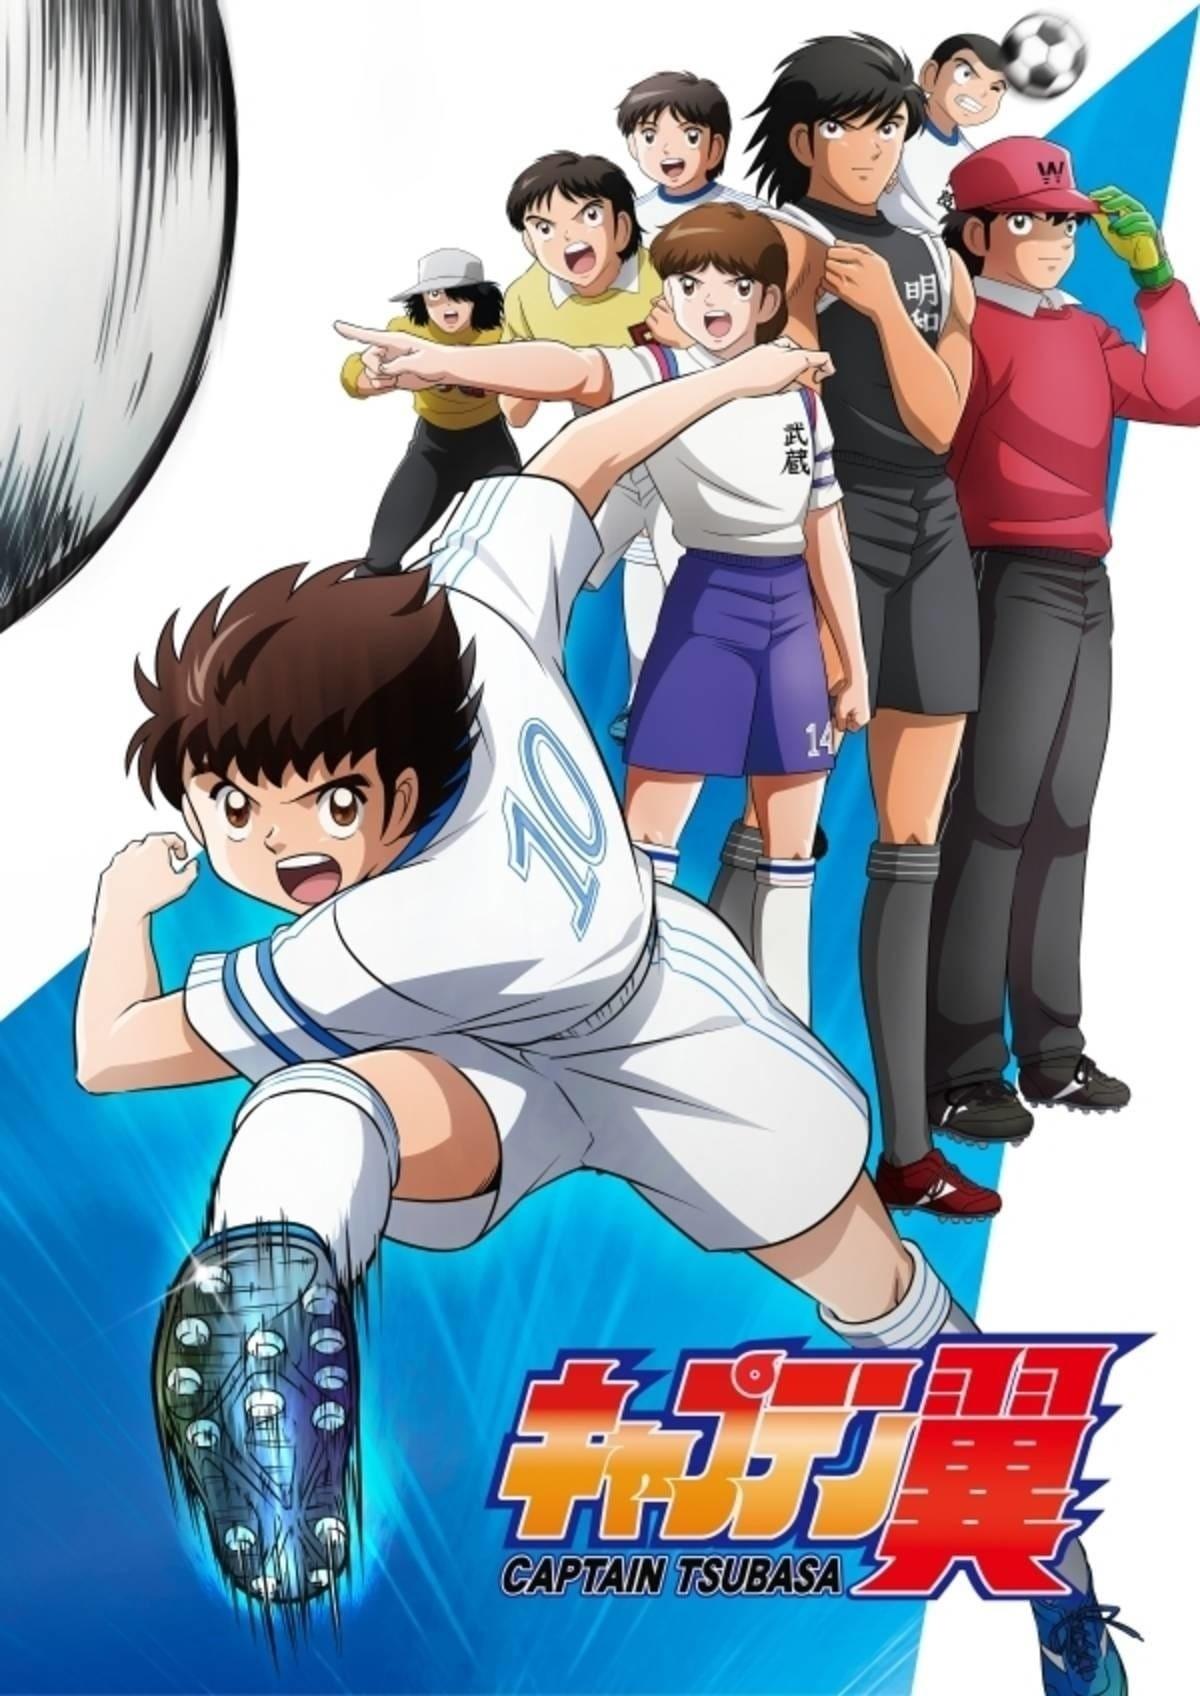 Soccer Anime